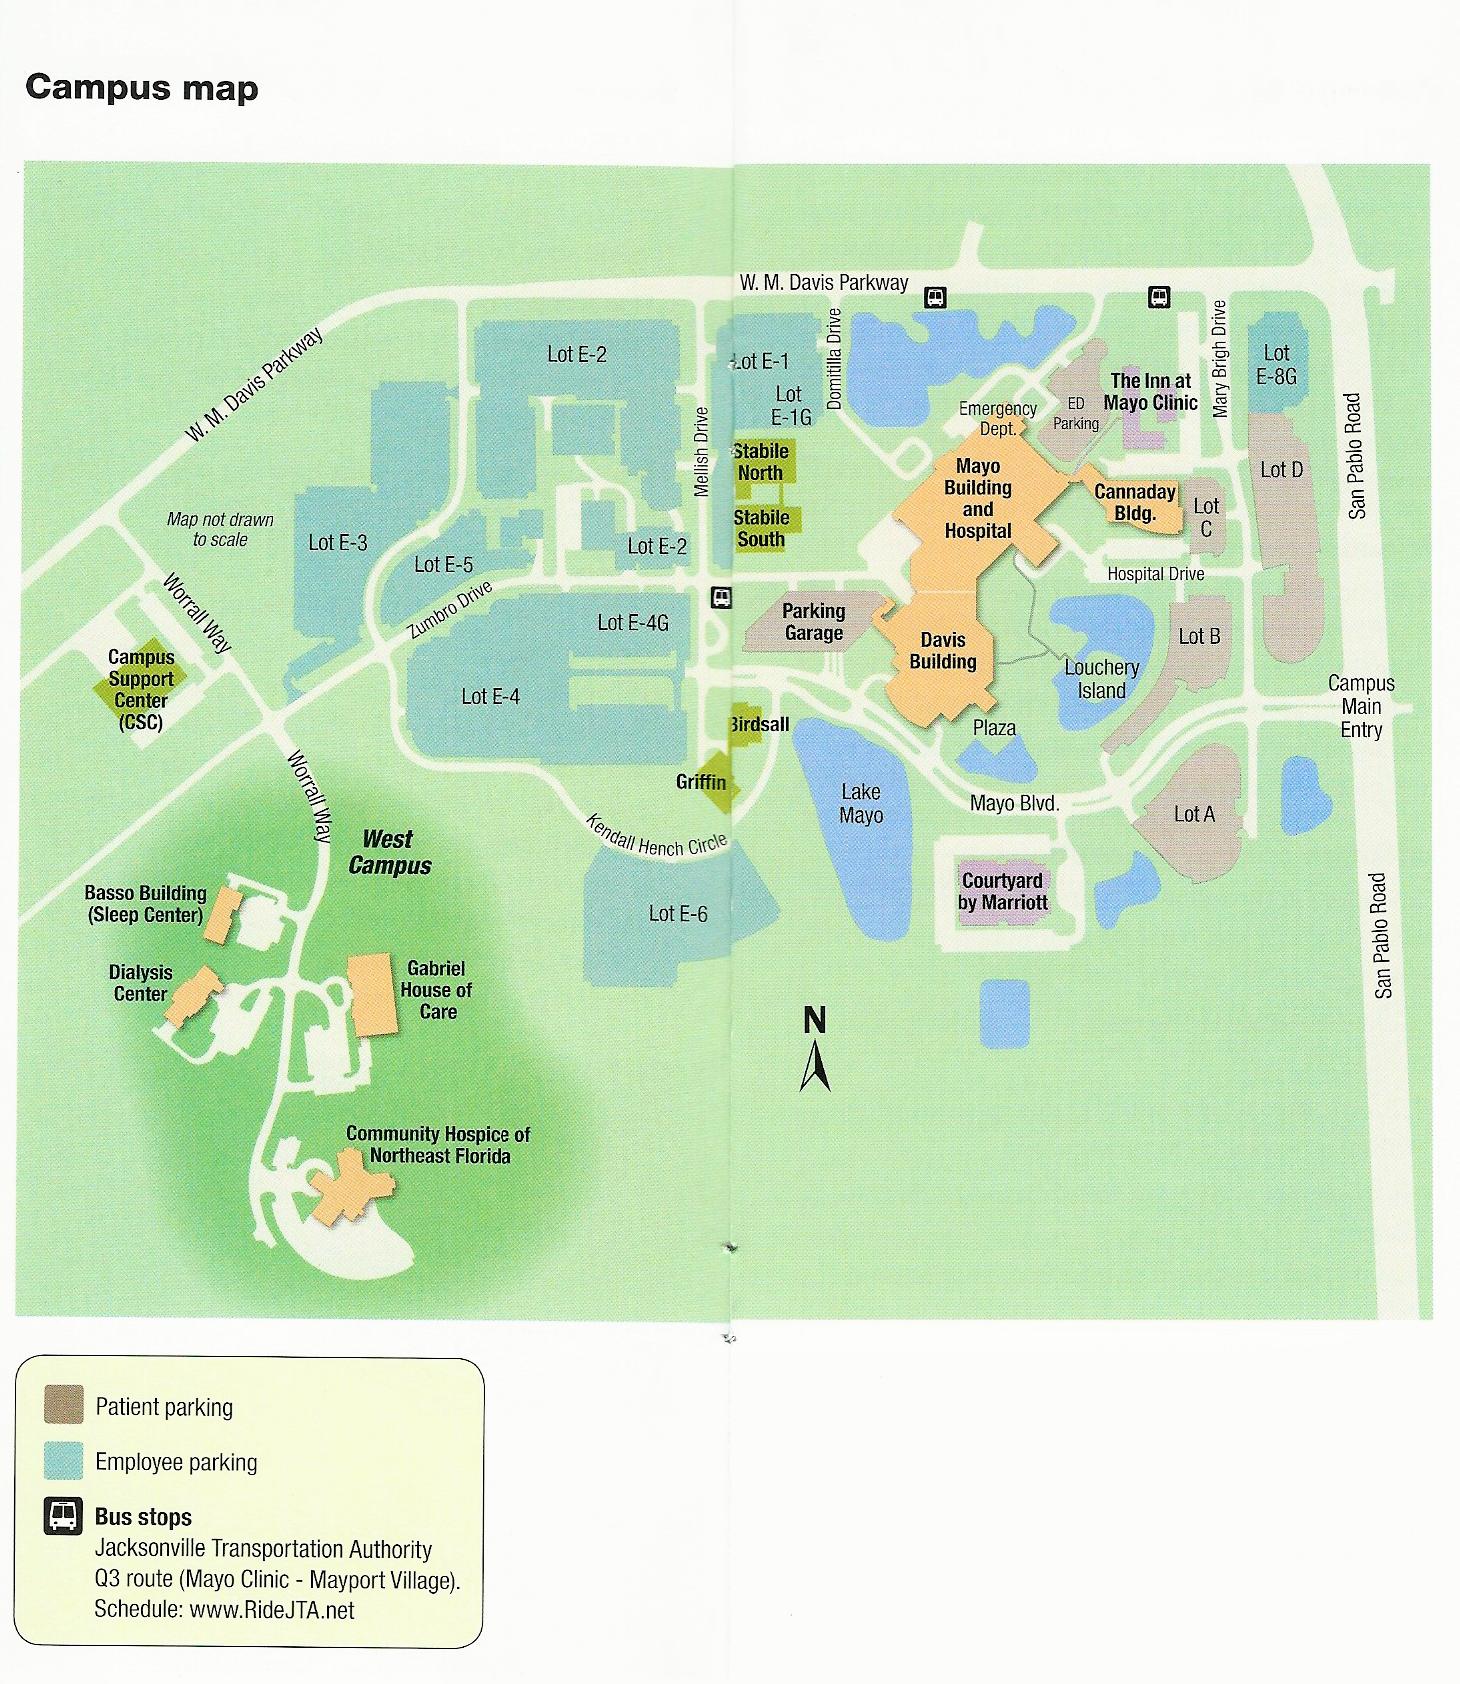 mayo jacksonville campus map Mayo Clinic Florida Campus Map Campus Map Mayo Clinic Clinic mayo jacksonville campus map